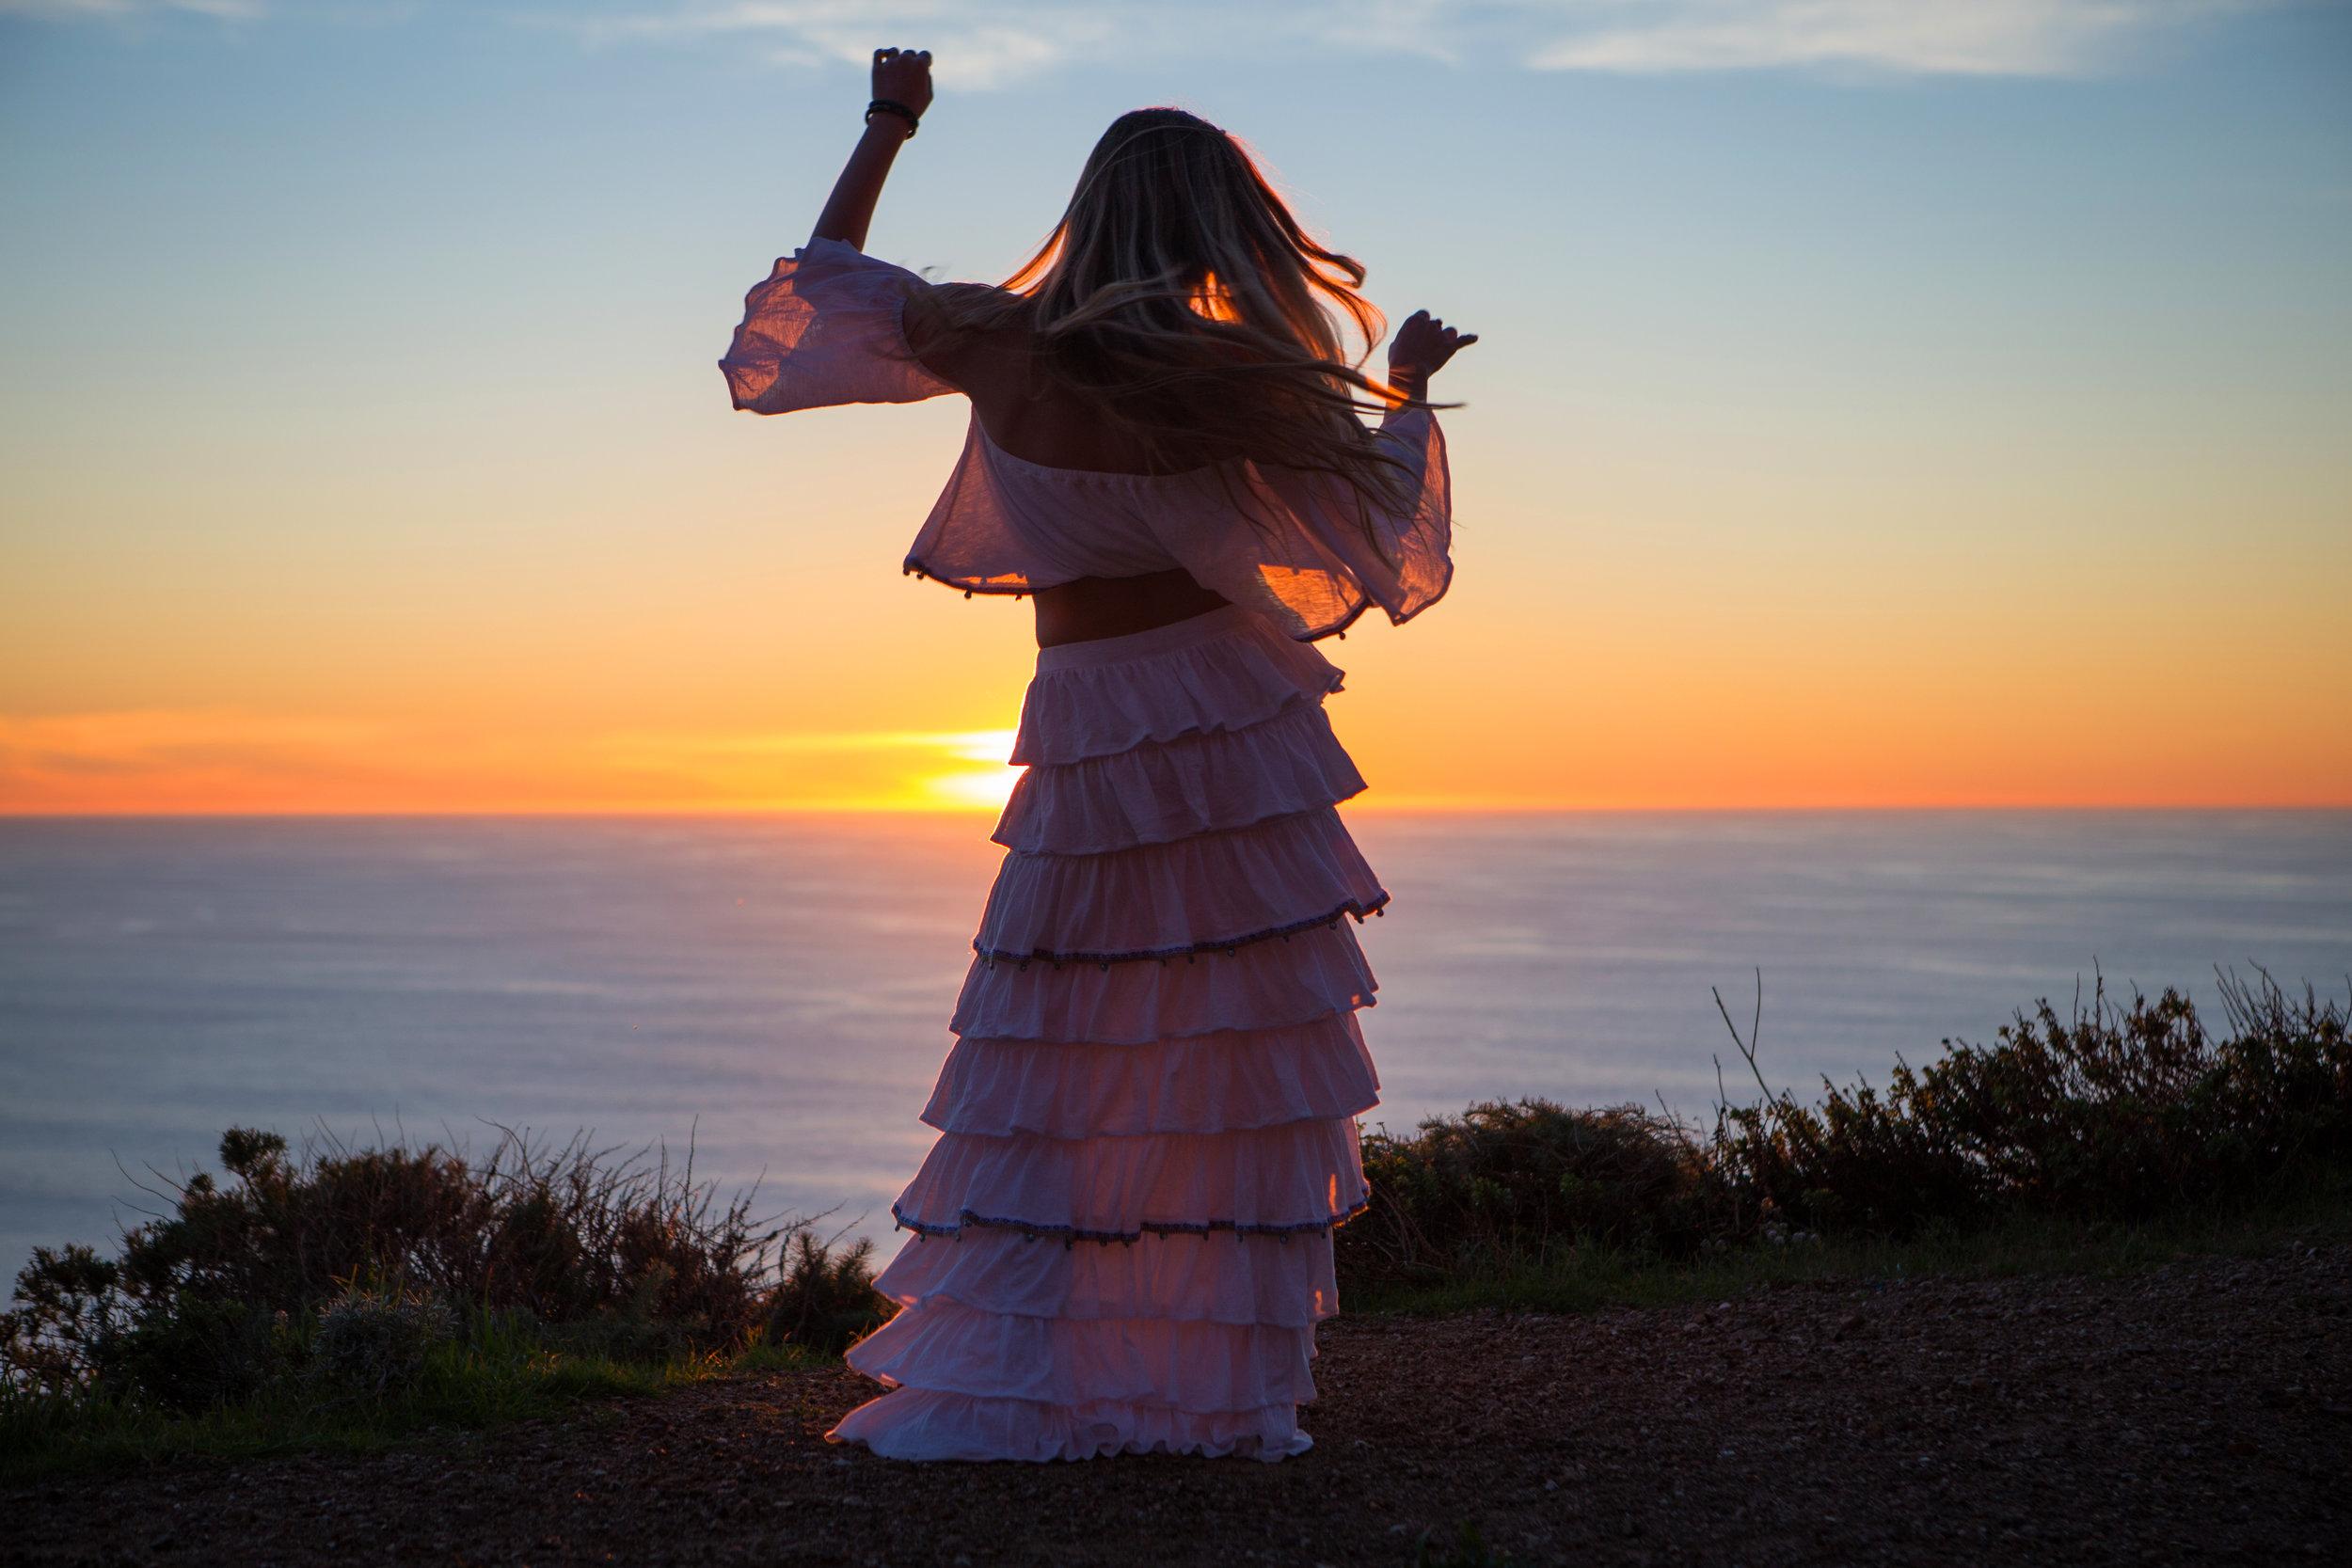 JordanRose_AstroBandit_Pitusa_BigSur_Sunset_WhiteRuffles_3.jpg